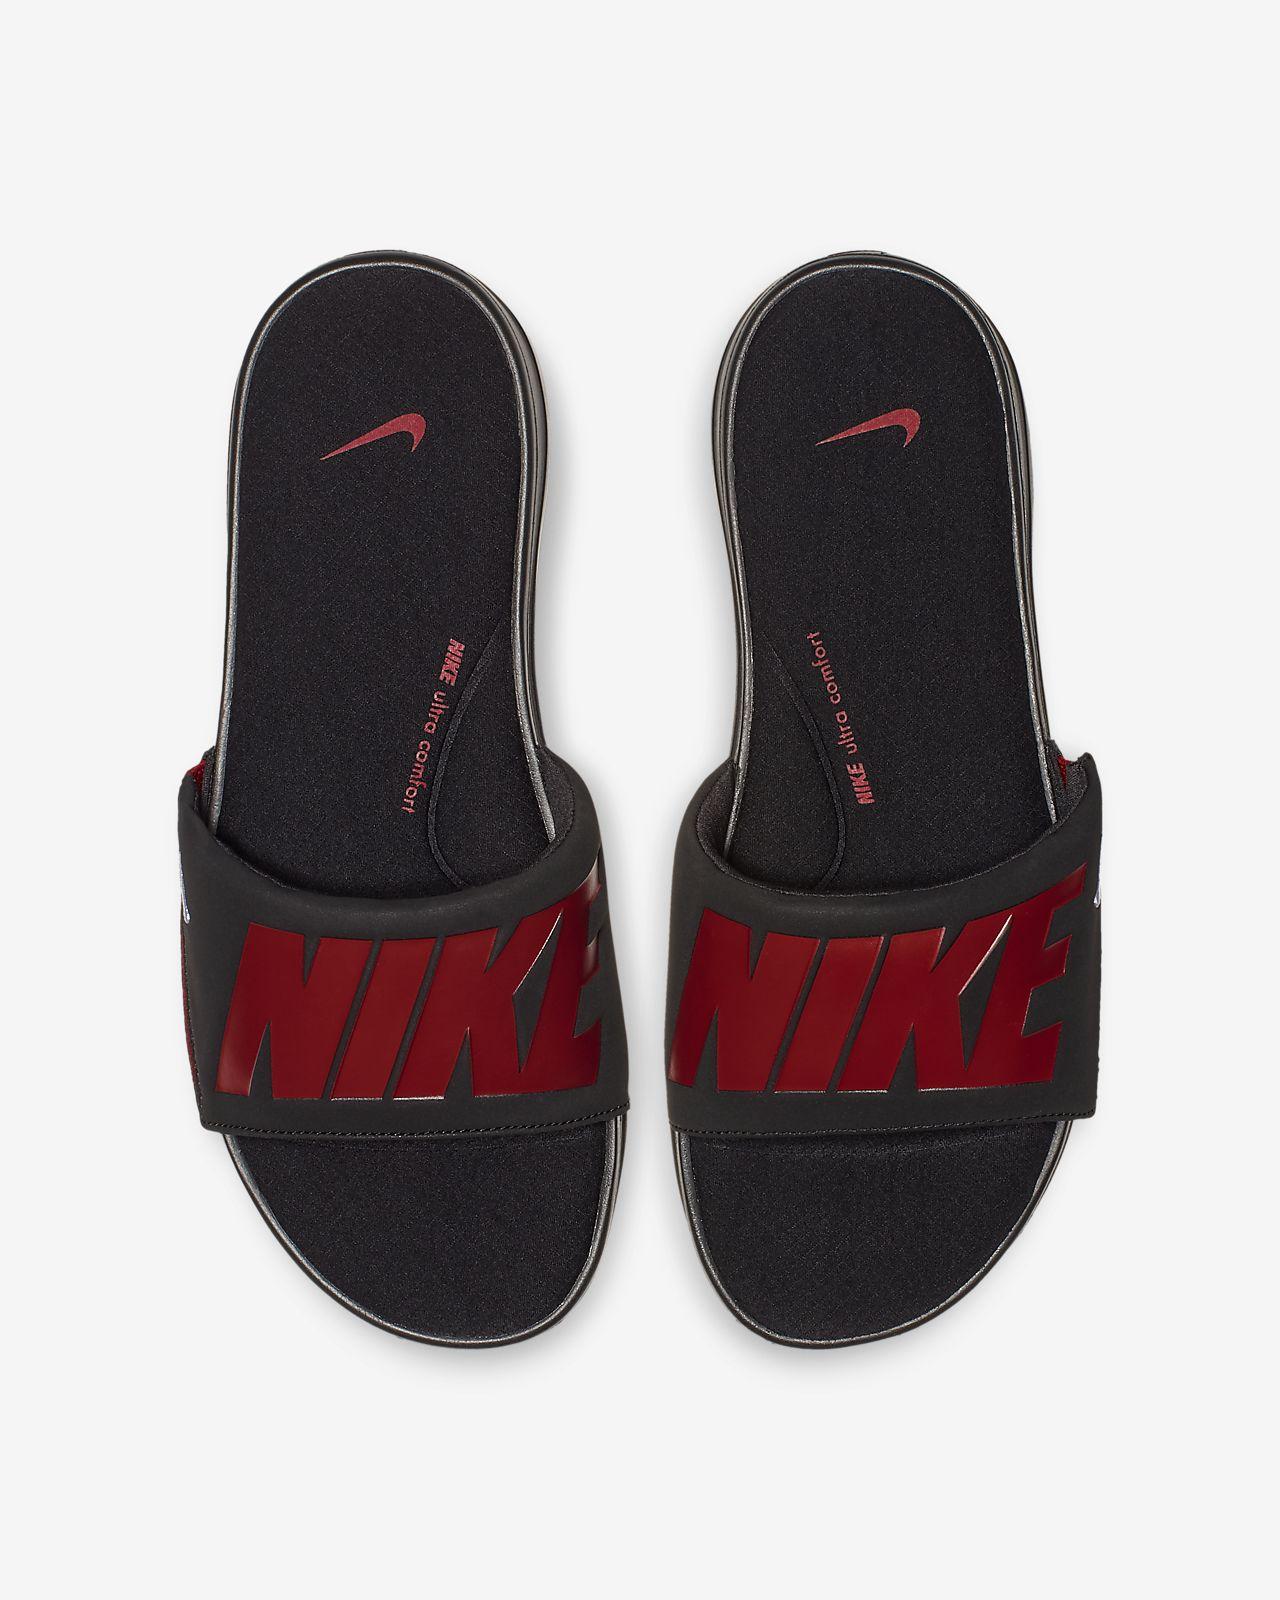 46dc4fa71e9 Nike Ultra Comfort 3 Men s Slide. Nike.com